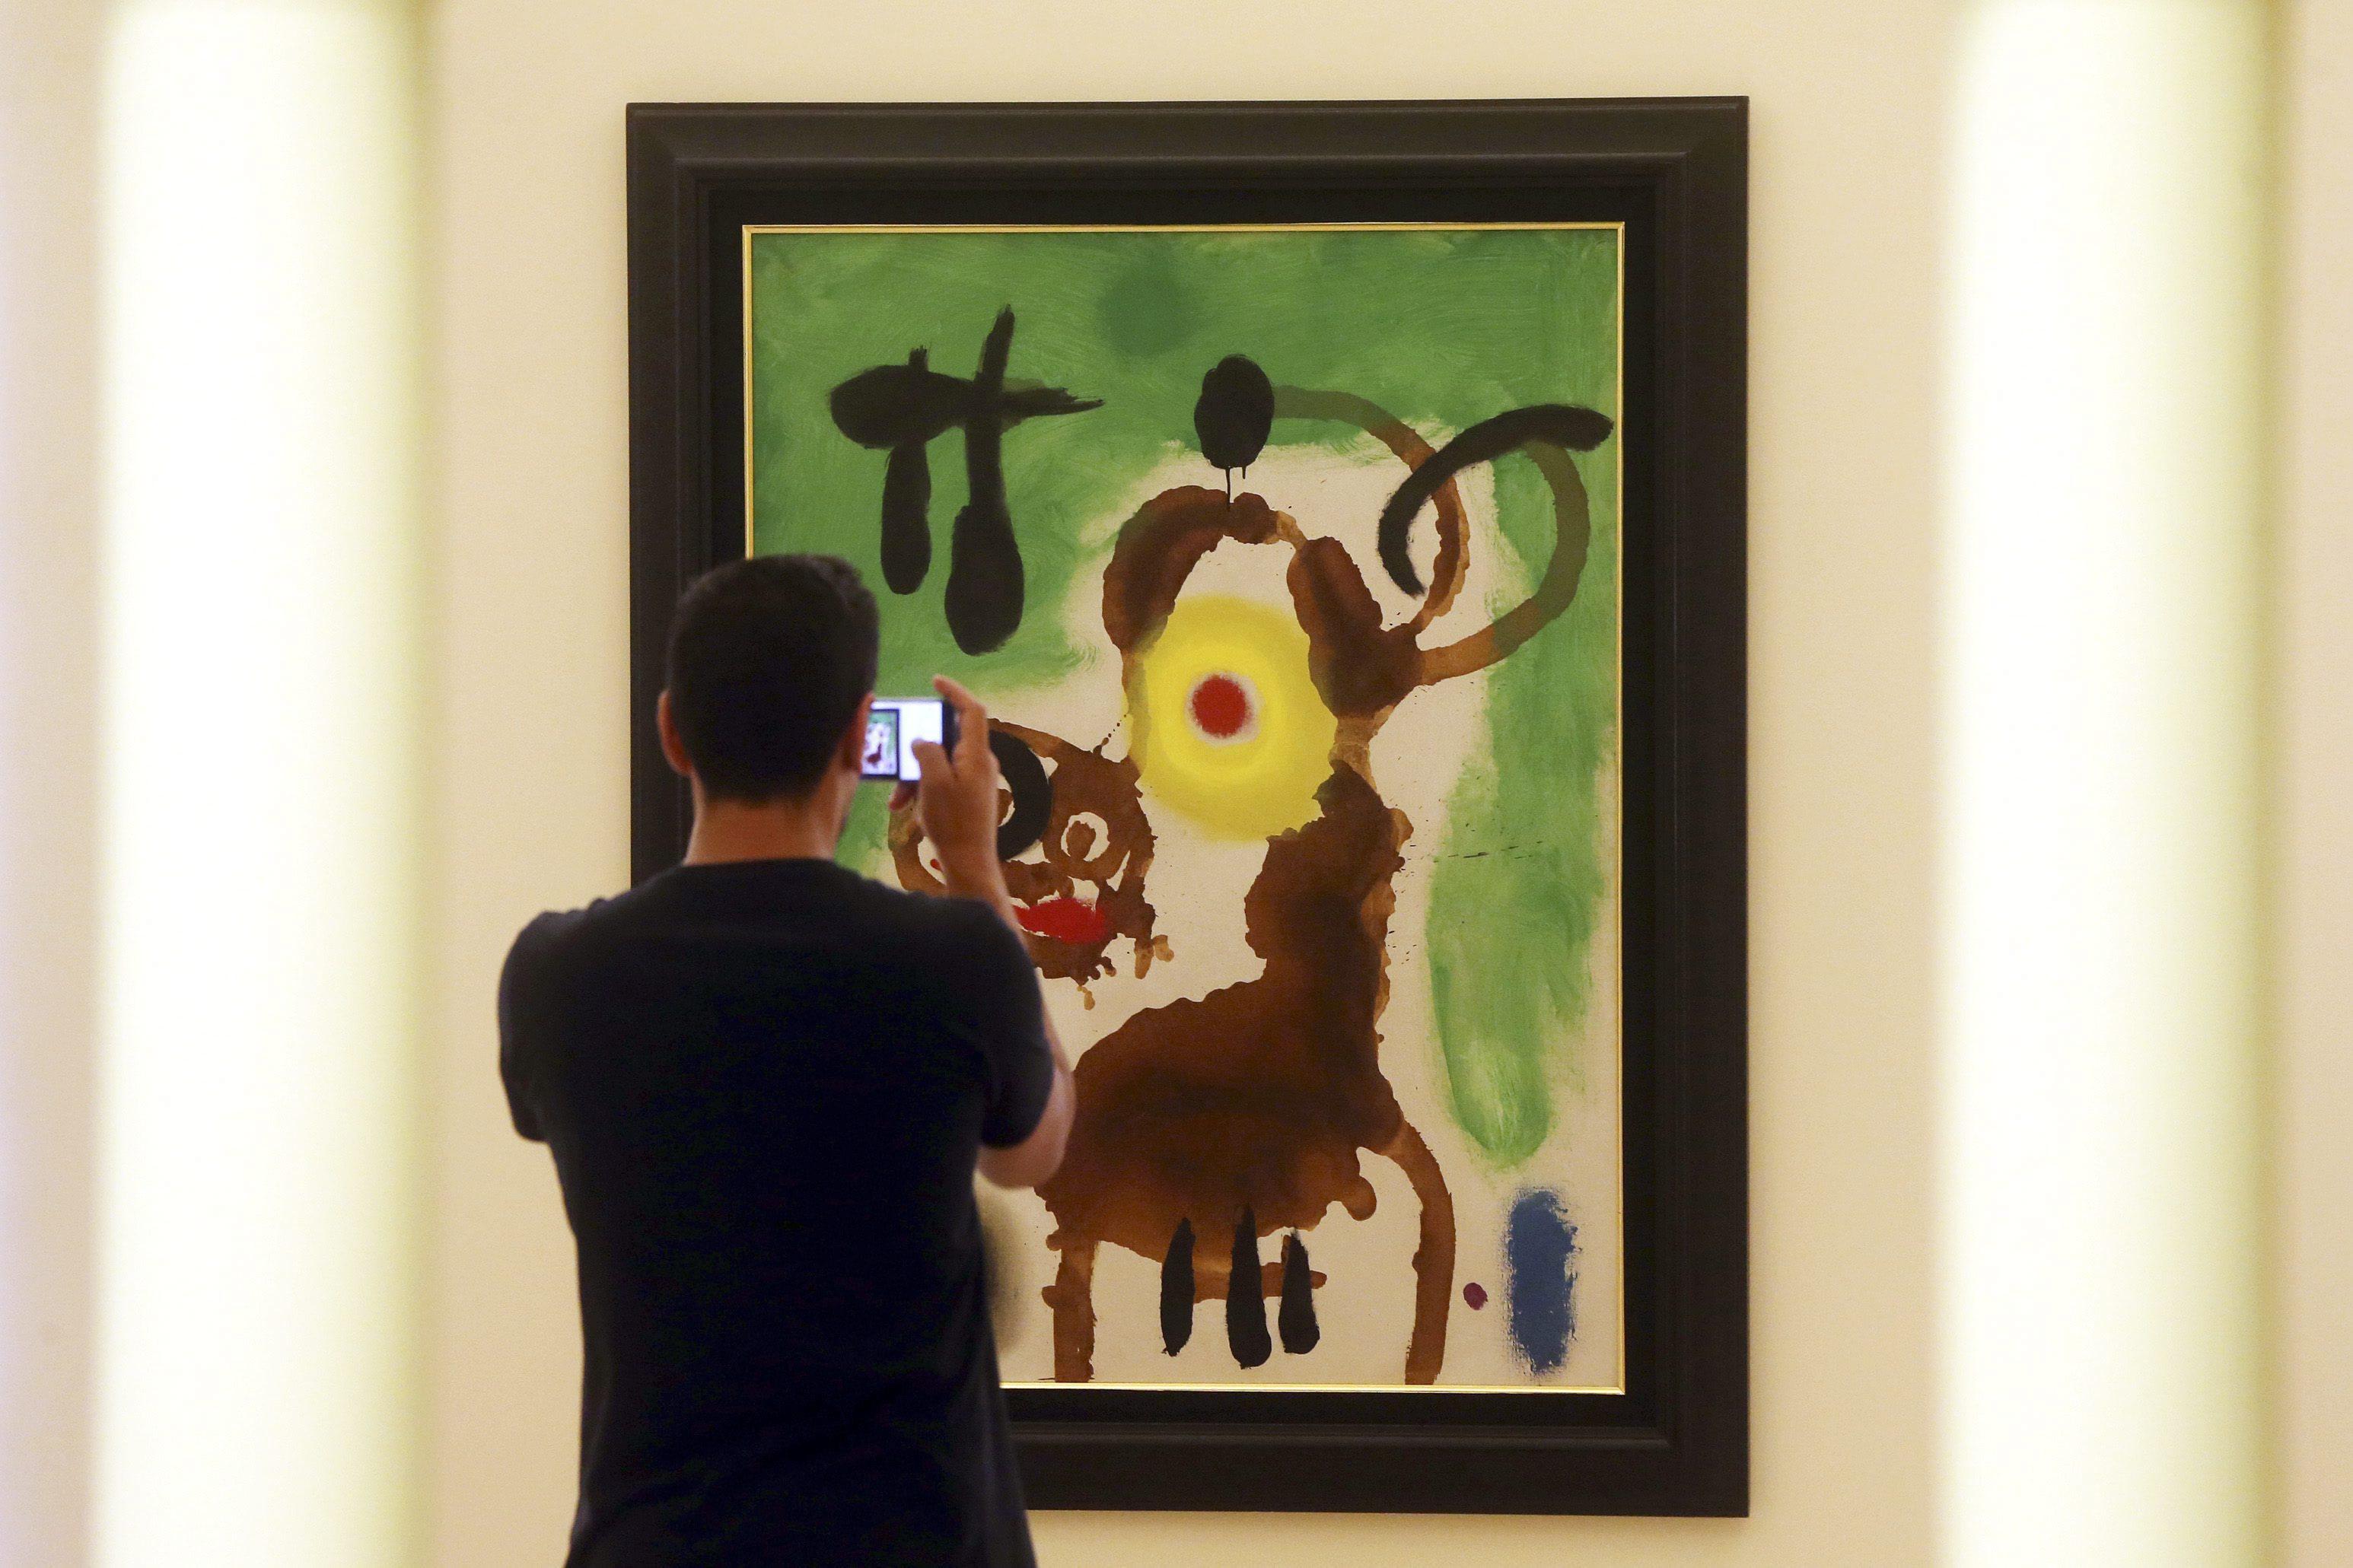 Serralves prolonga exposição de Joan Miró até 04 de junho por adesão do público